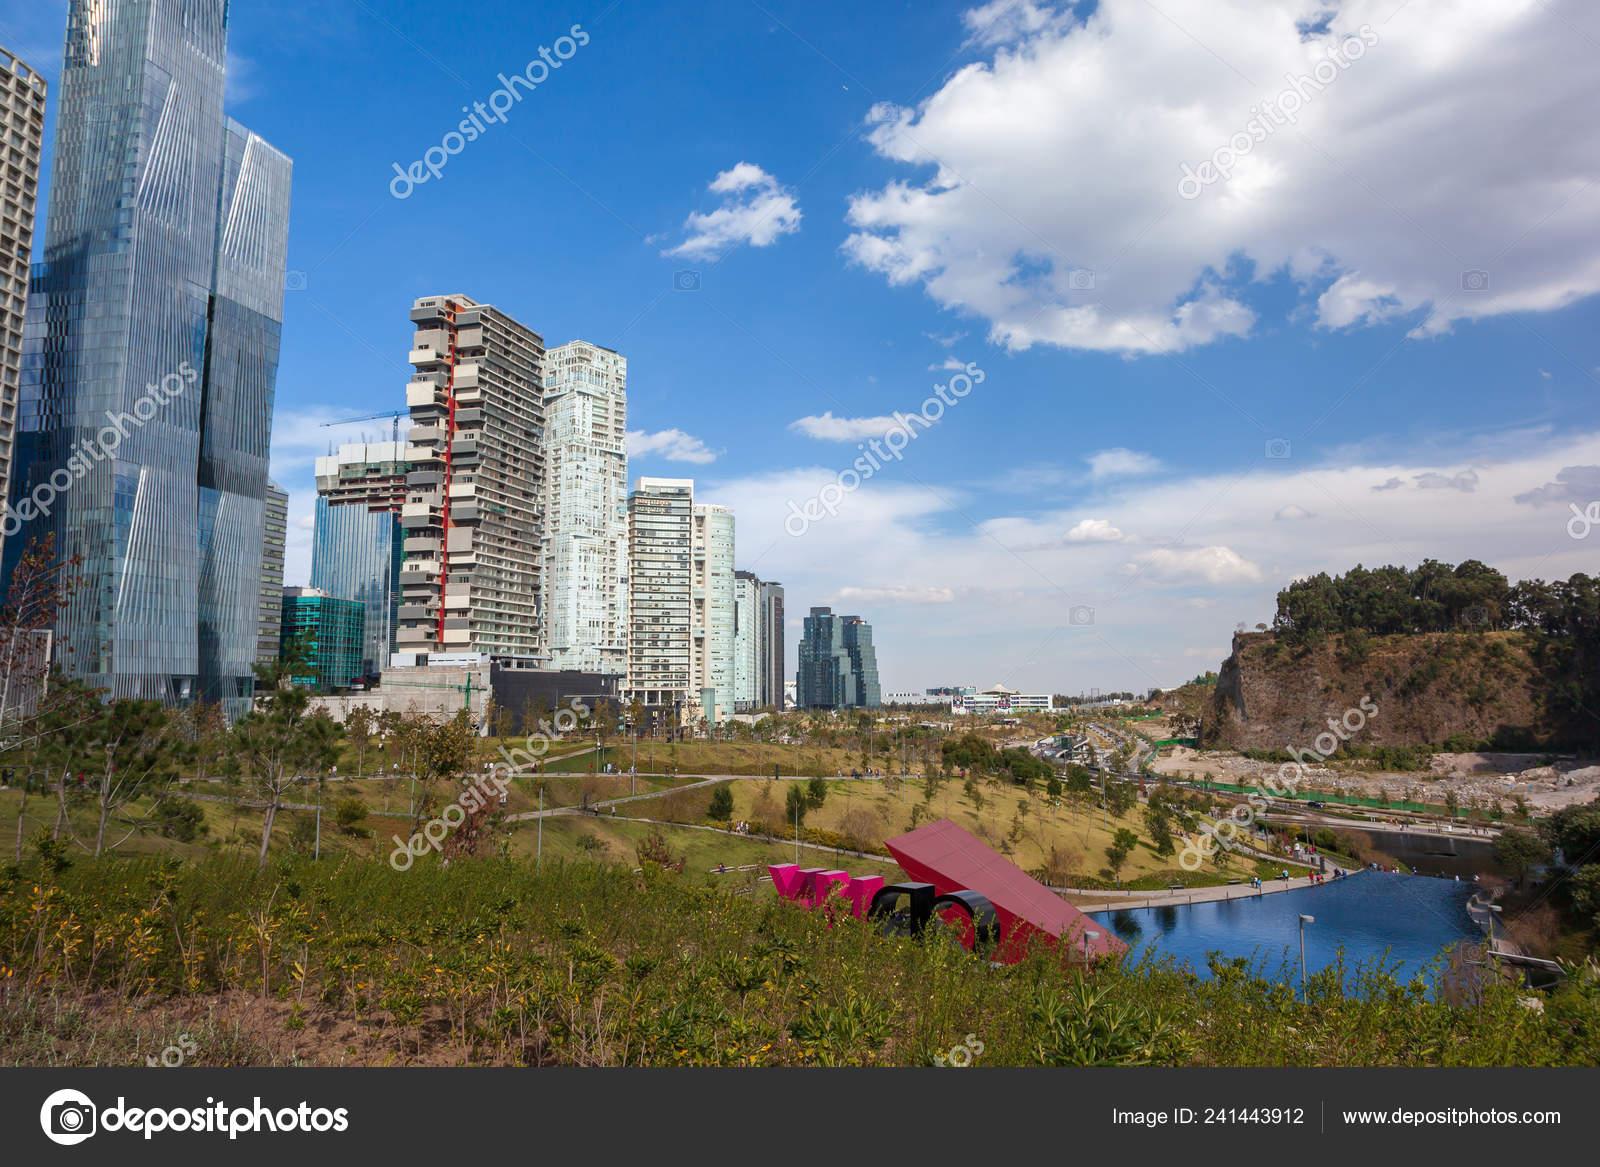 Mexico City Mexico Dec 2018 Mexicana Park Modern Beautiful Skyscrapers Stock Editorial Photo C Chepenicoli 241443912